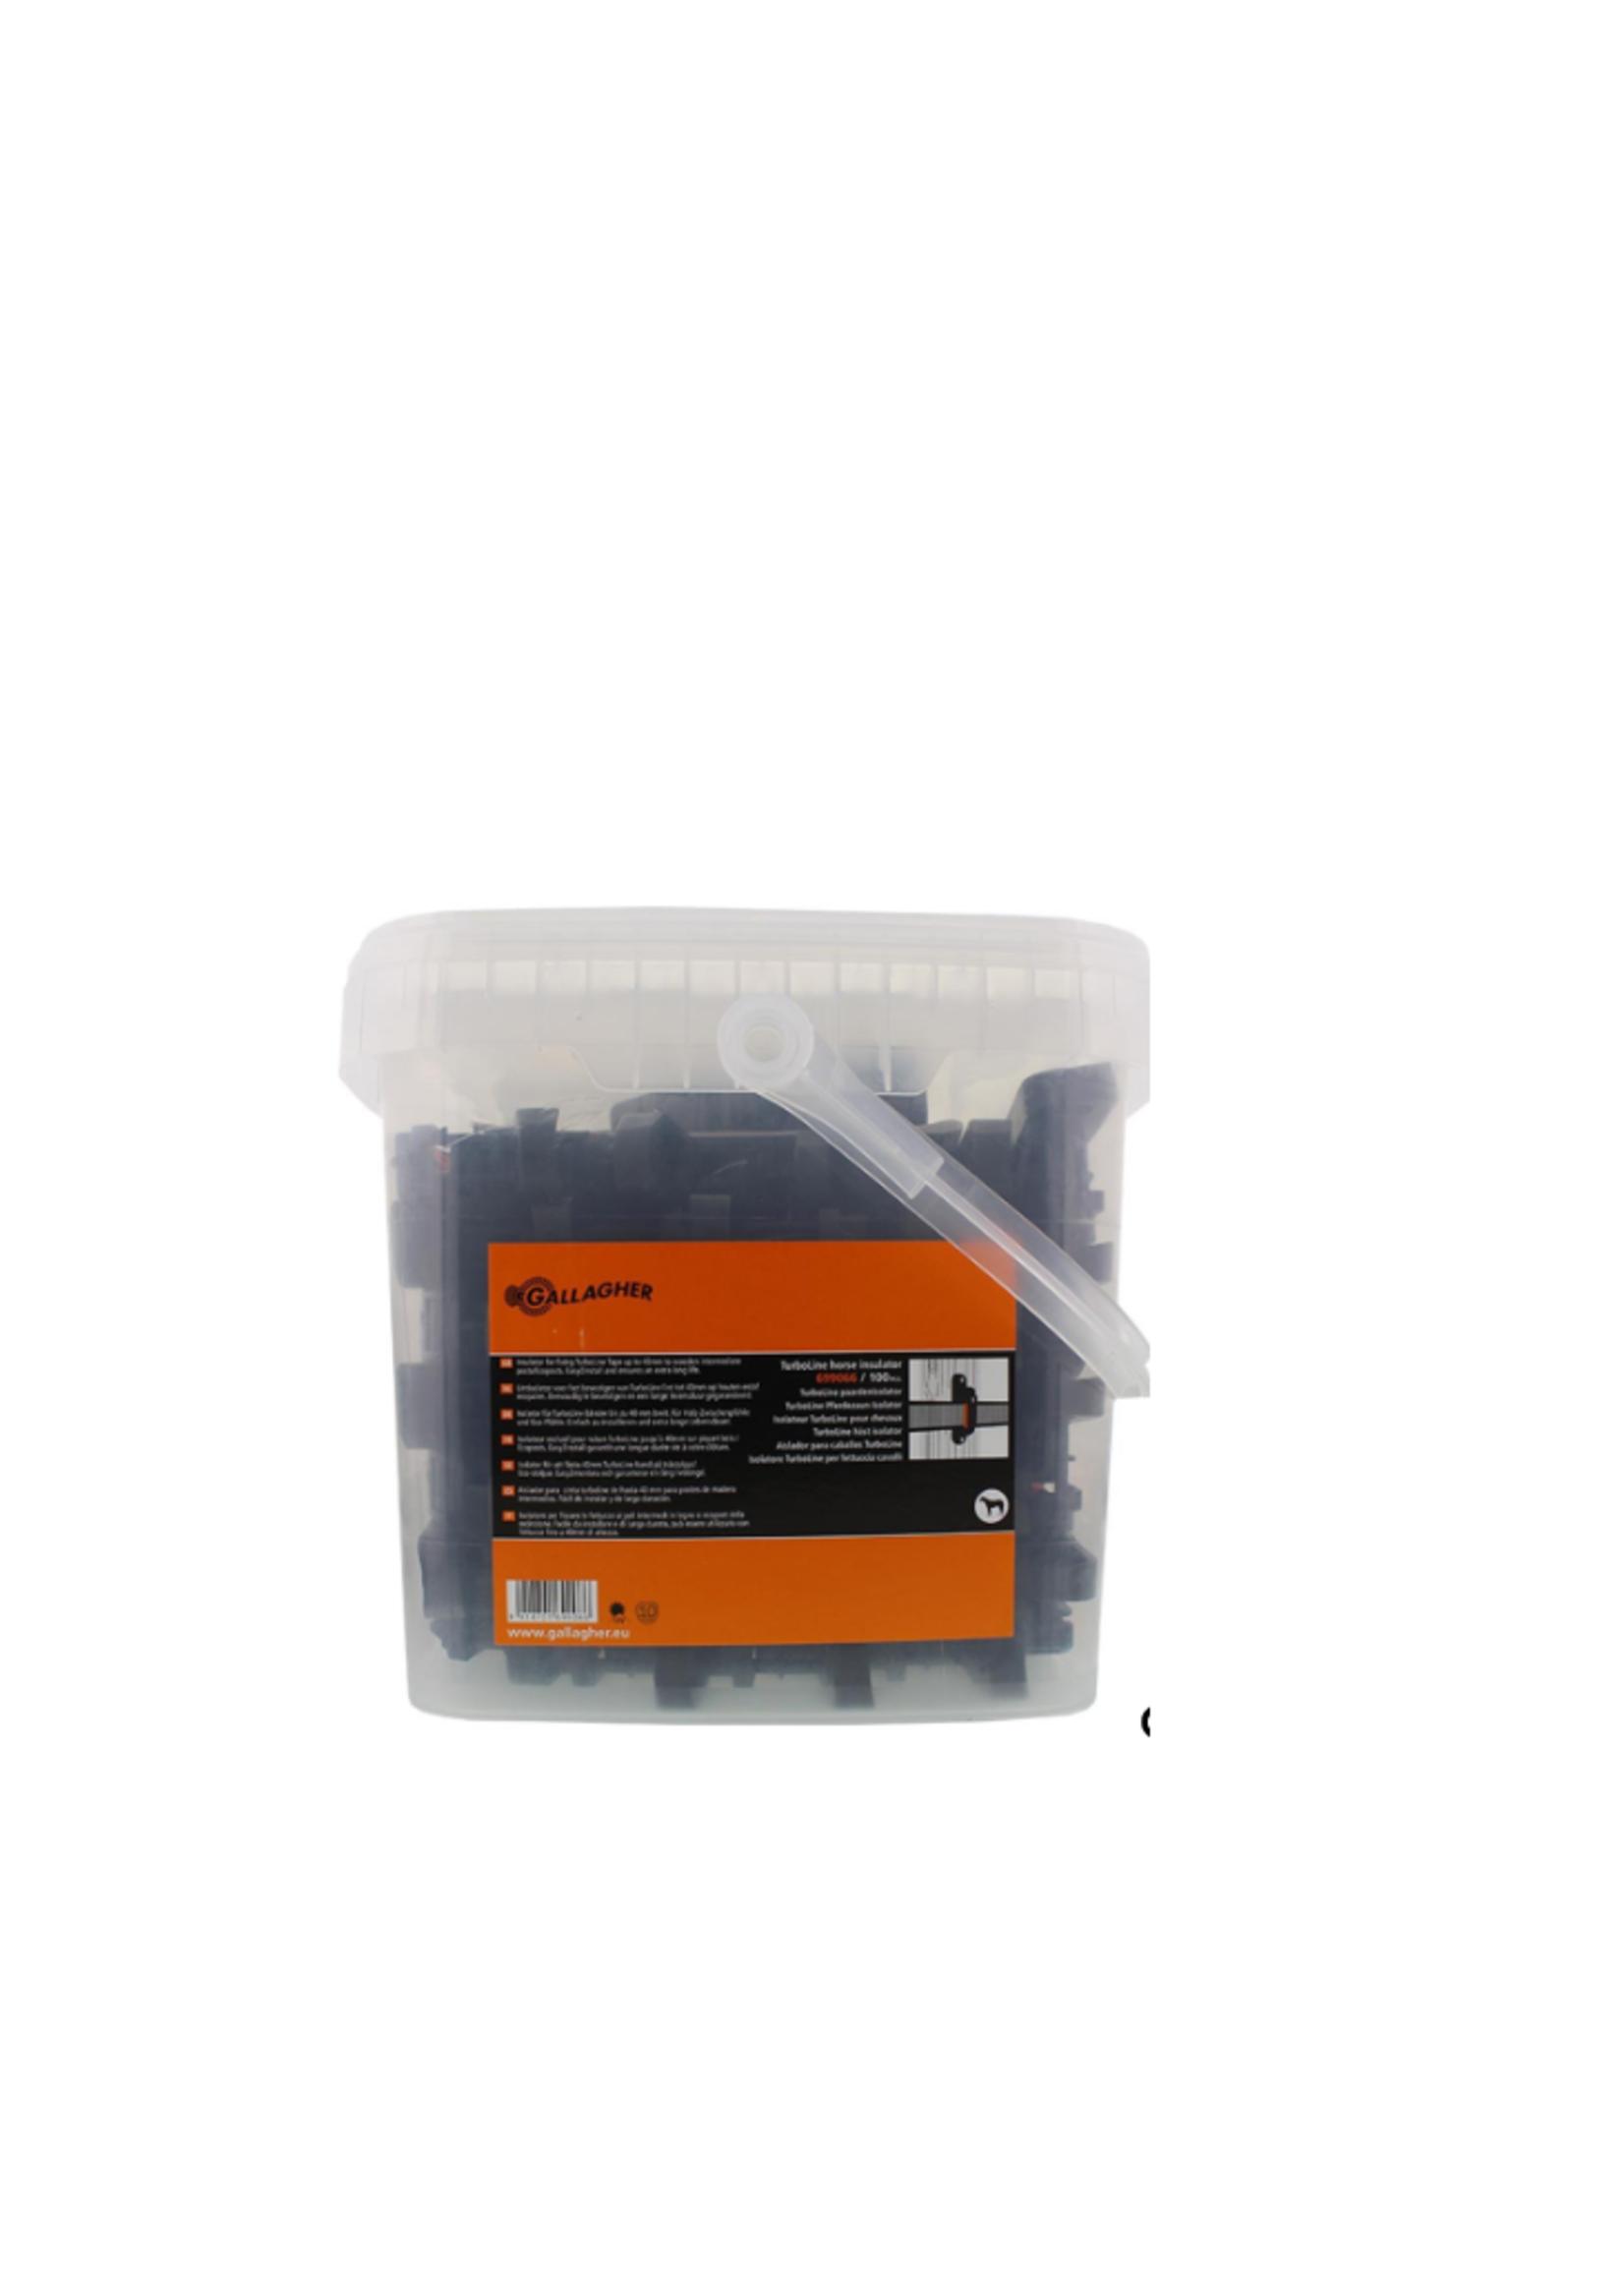 Gallagher Gallagher TurboLine paarden isolator (100 stuks) (699066)